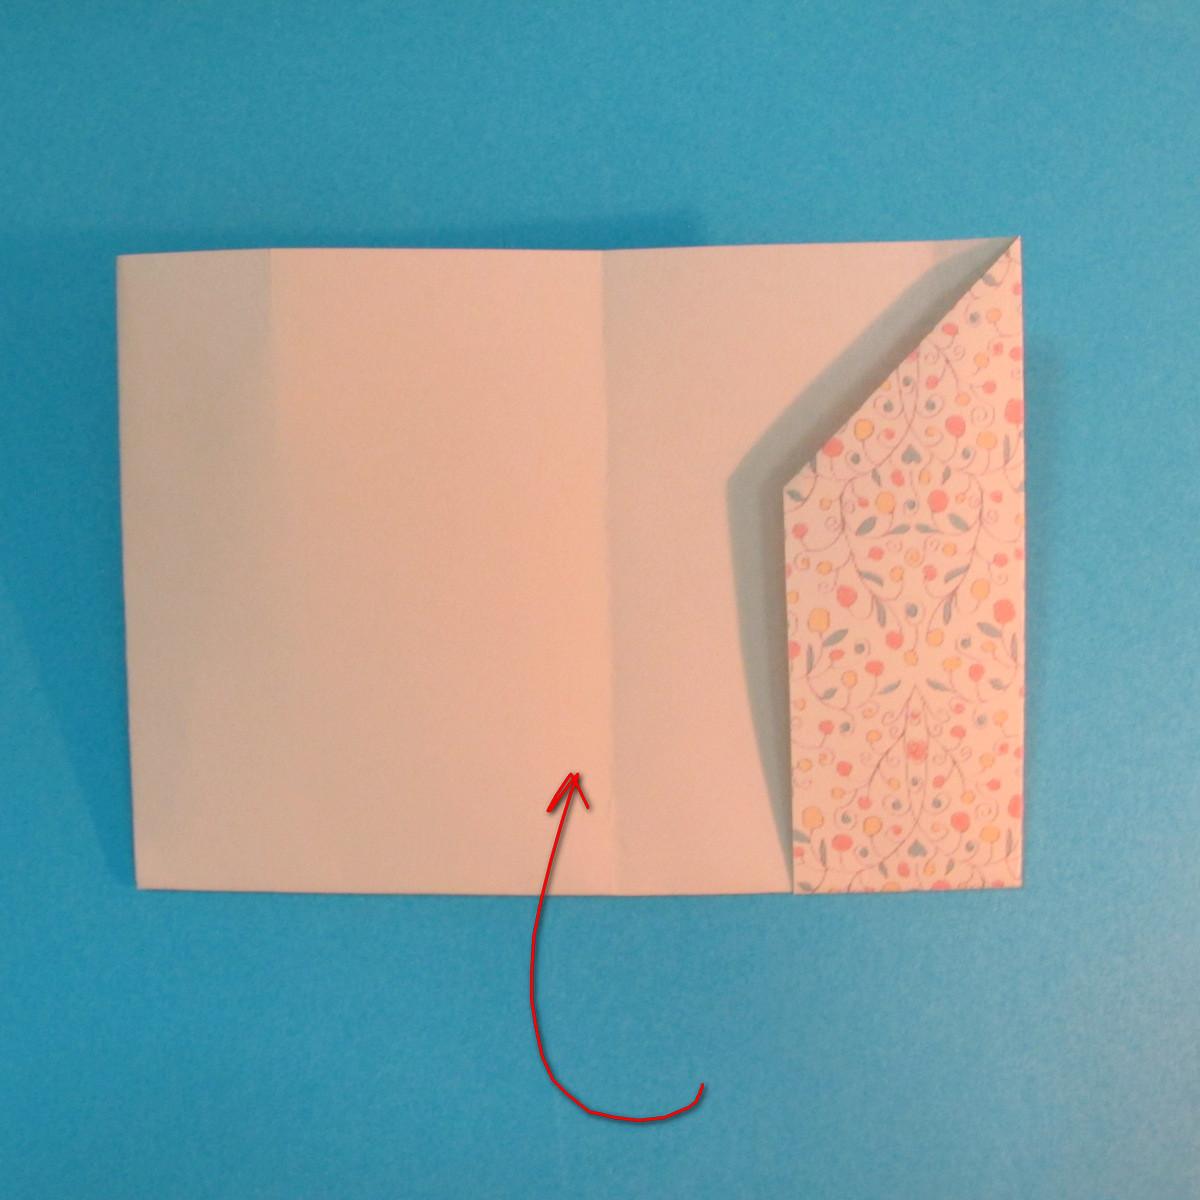 วิธีพับกระดาษเป็นผีเสื้อหางแฉก 016